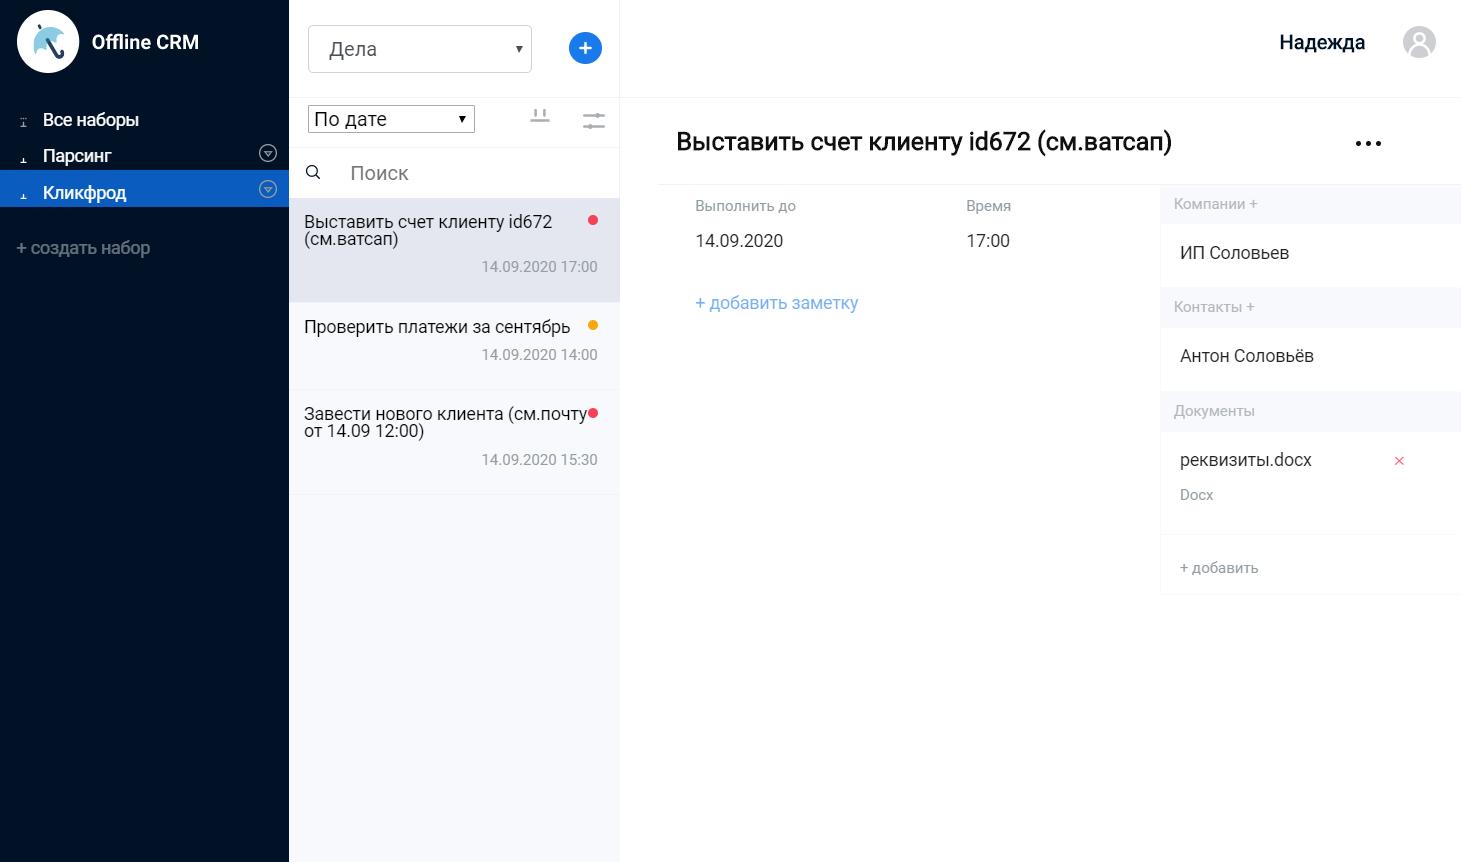 хранение файло в бесплатной crm